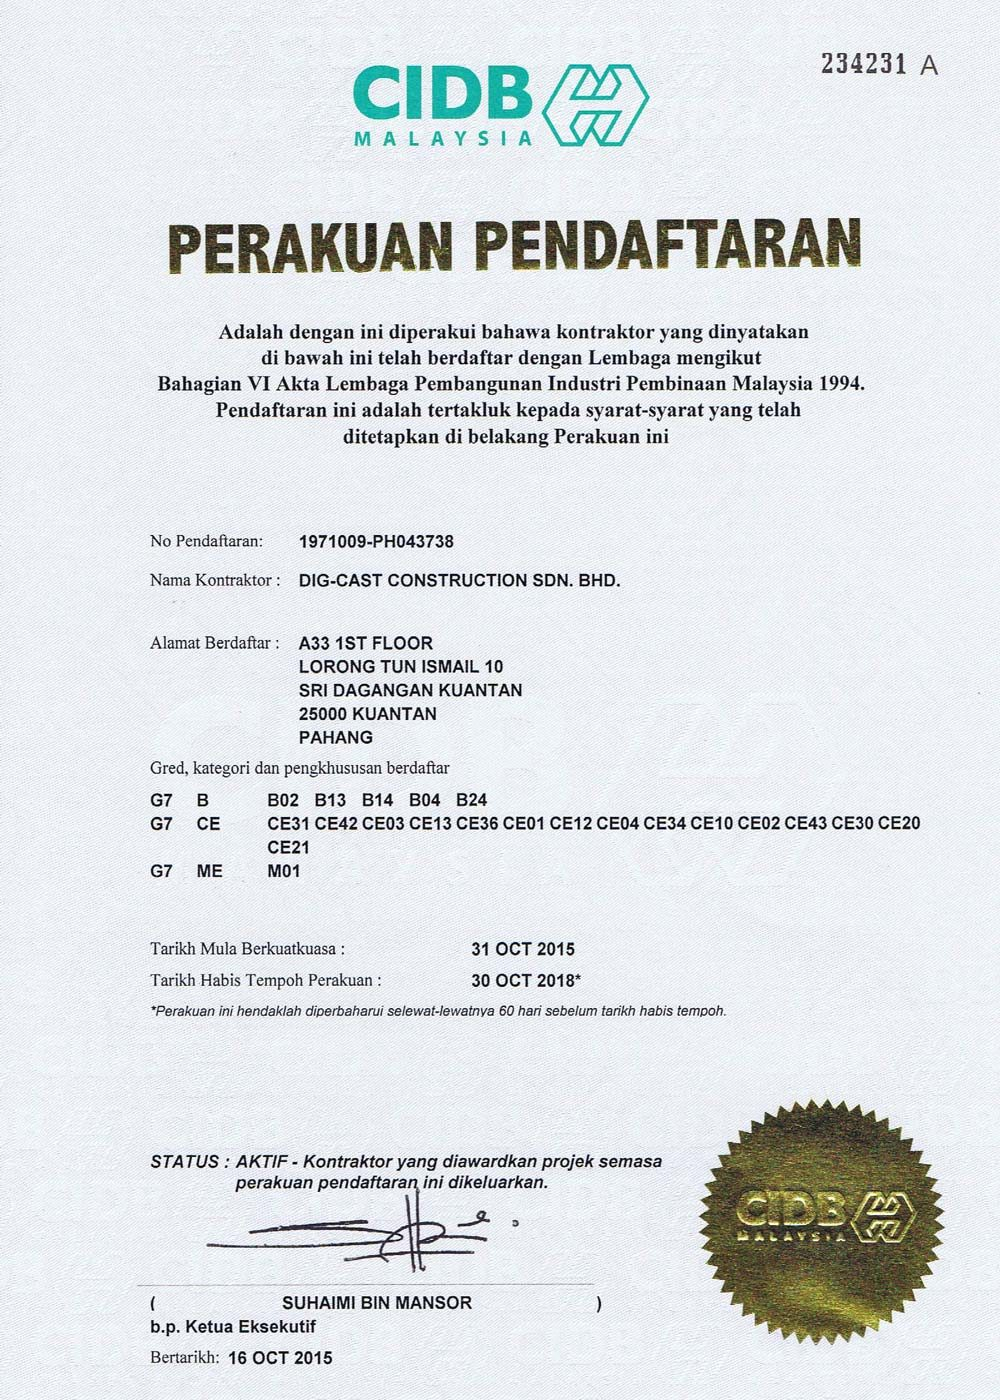 Perakuan Pendaftaran